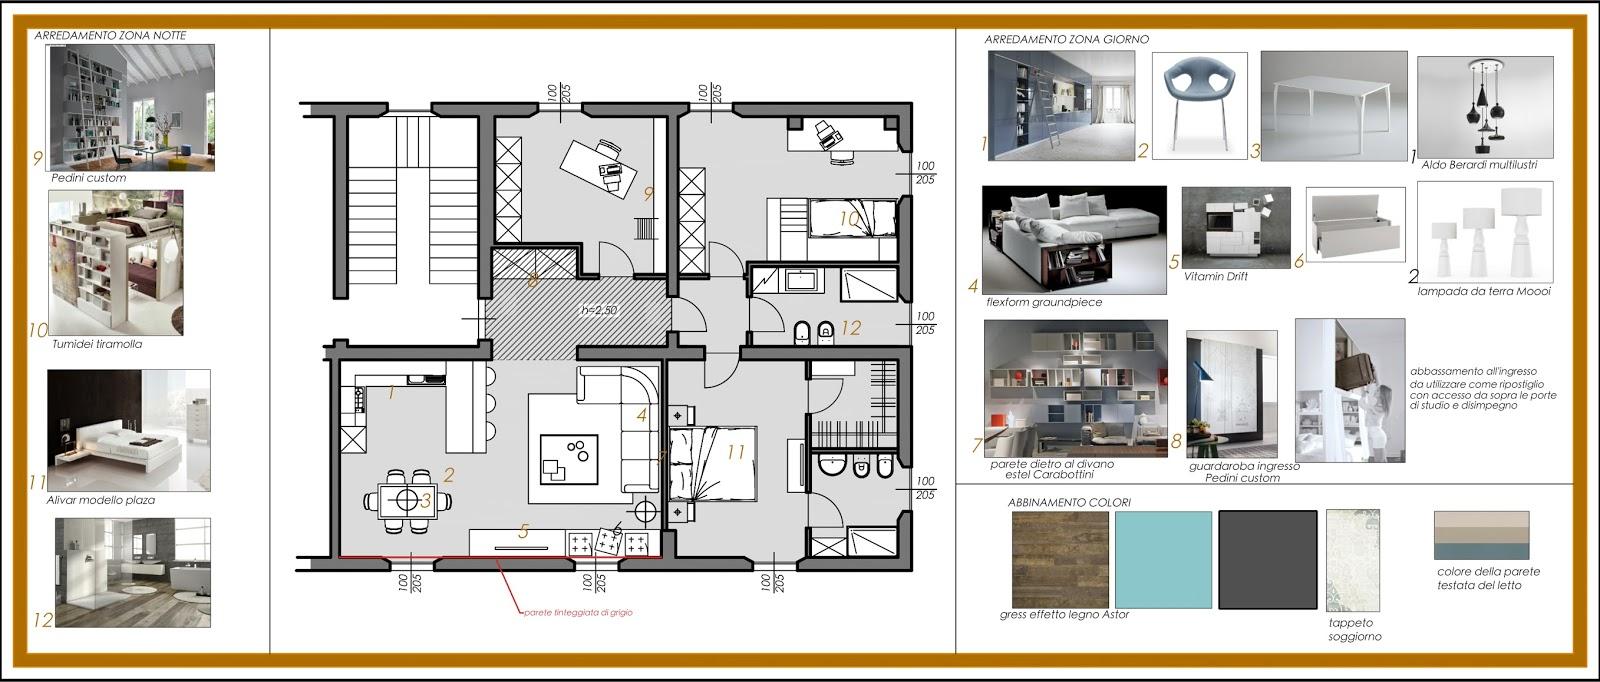 Arredamento e dintorni ristrutturazione appartamento for Progetto di ristrutturazione